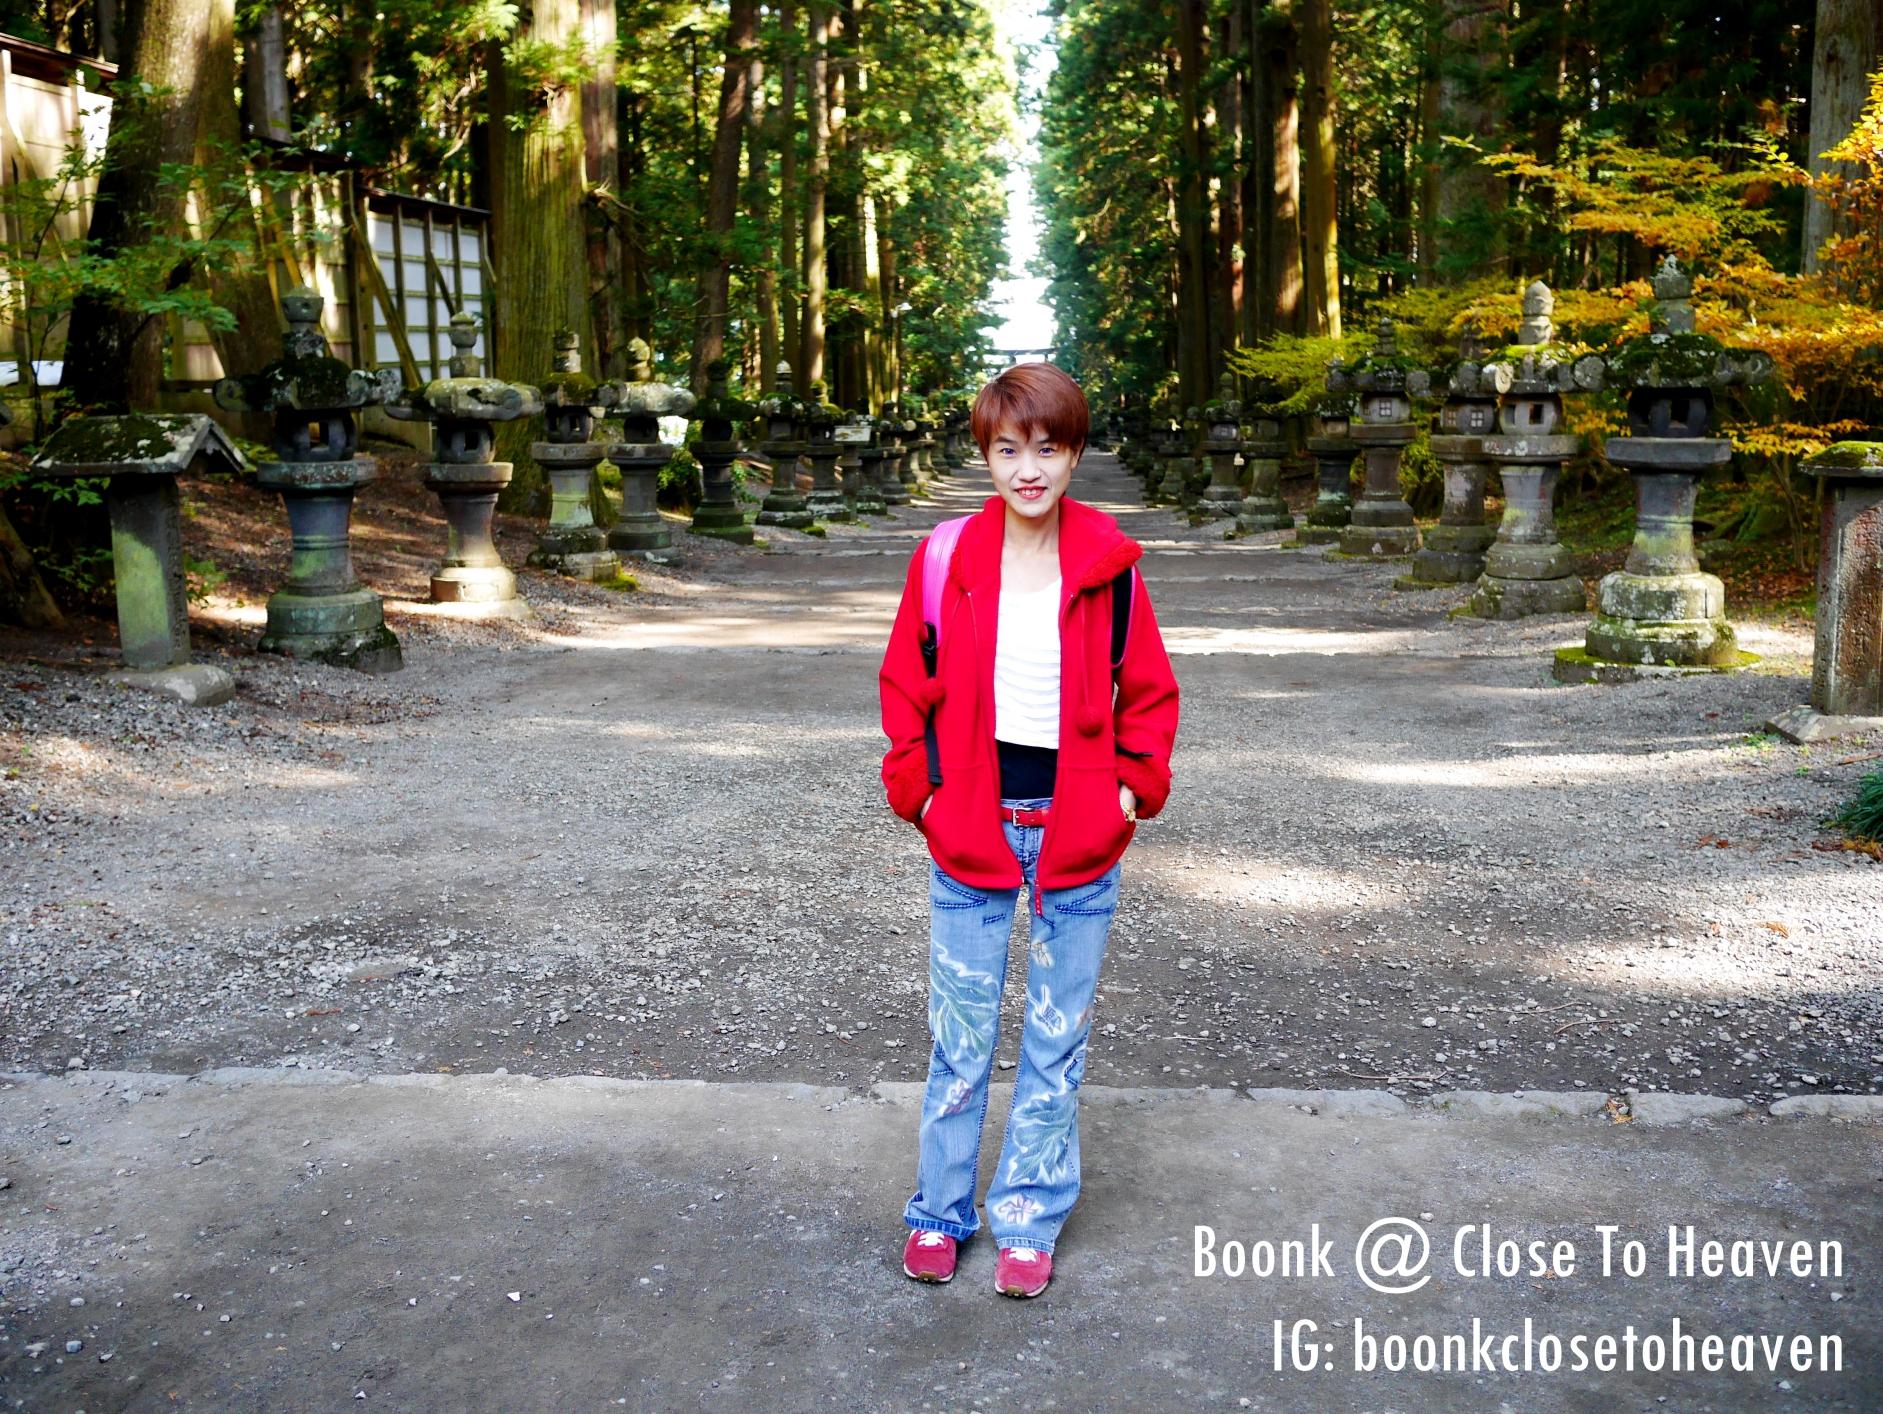 +++ Japan Trip: ทริปญี่ปุ่น เน้นกิน เที่ยว ช็อป ภาค 2 +++